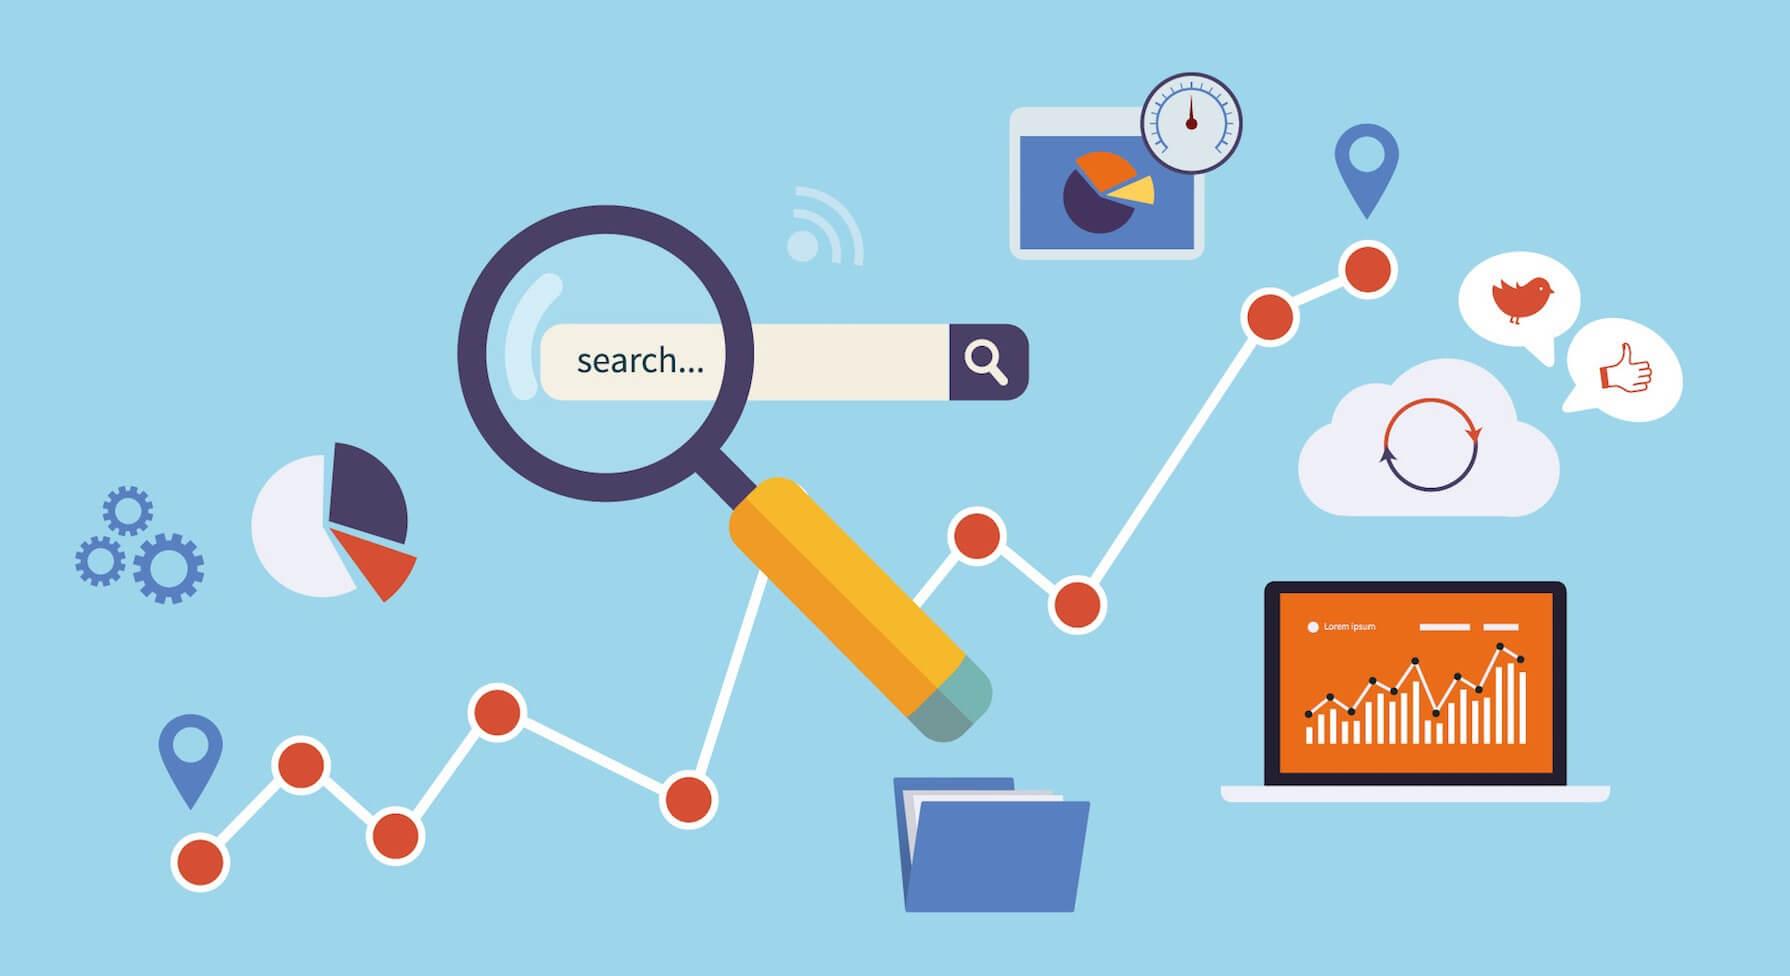 「大千搜尋」- 搜尋引擎過去歷史與未來發展